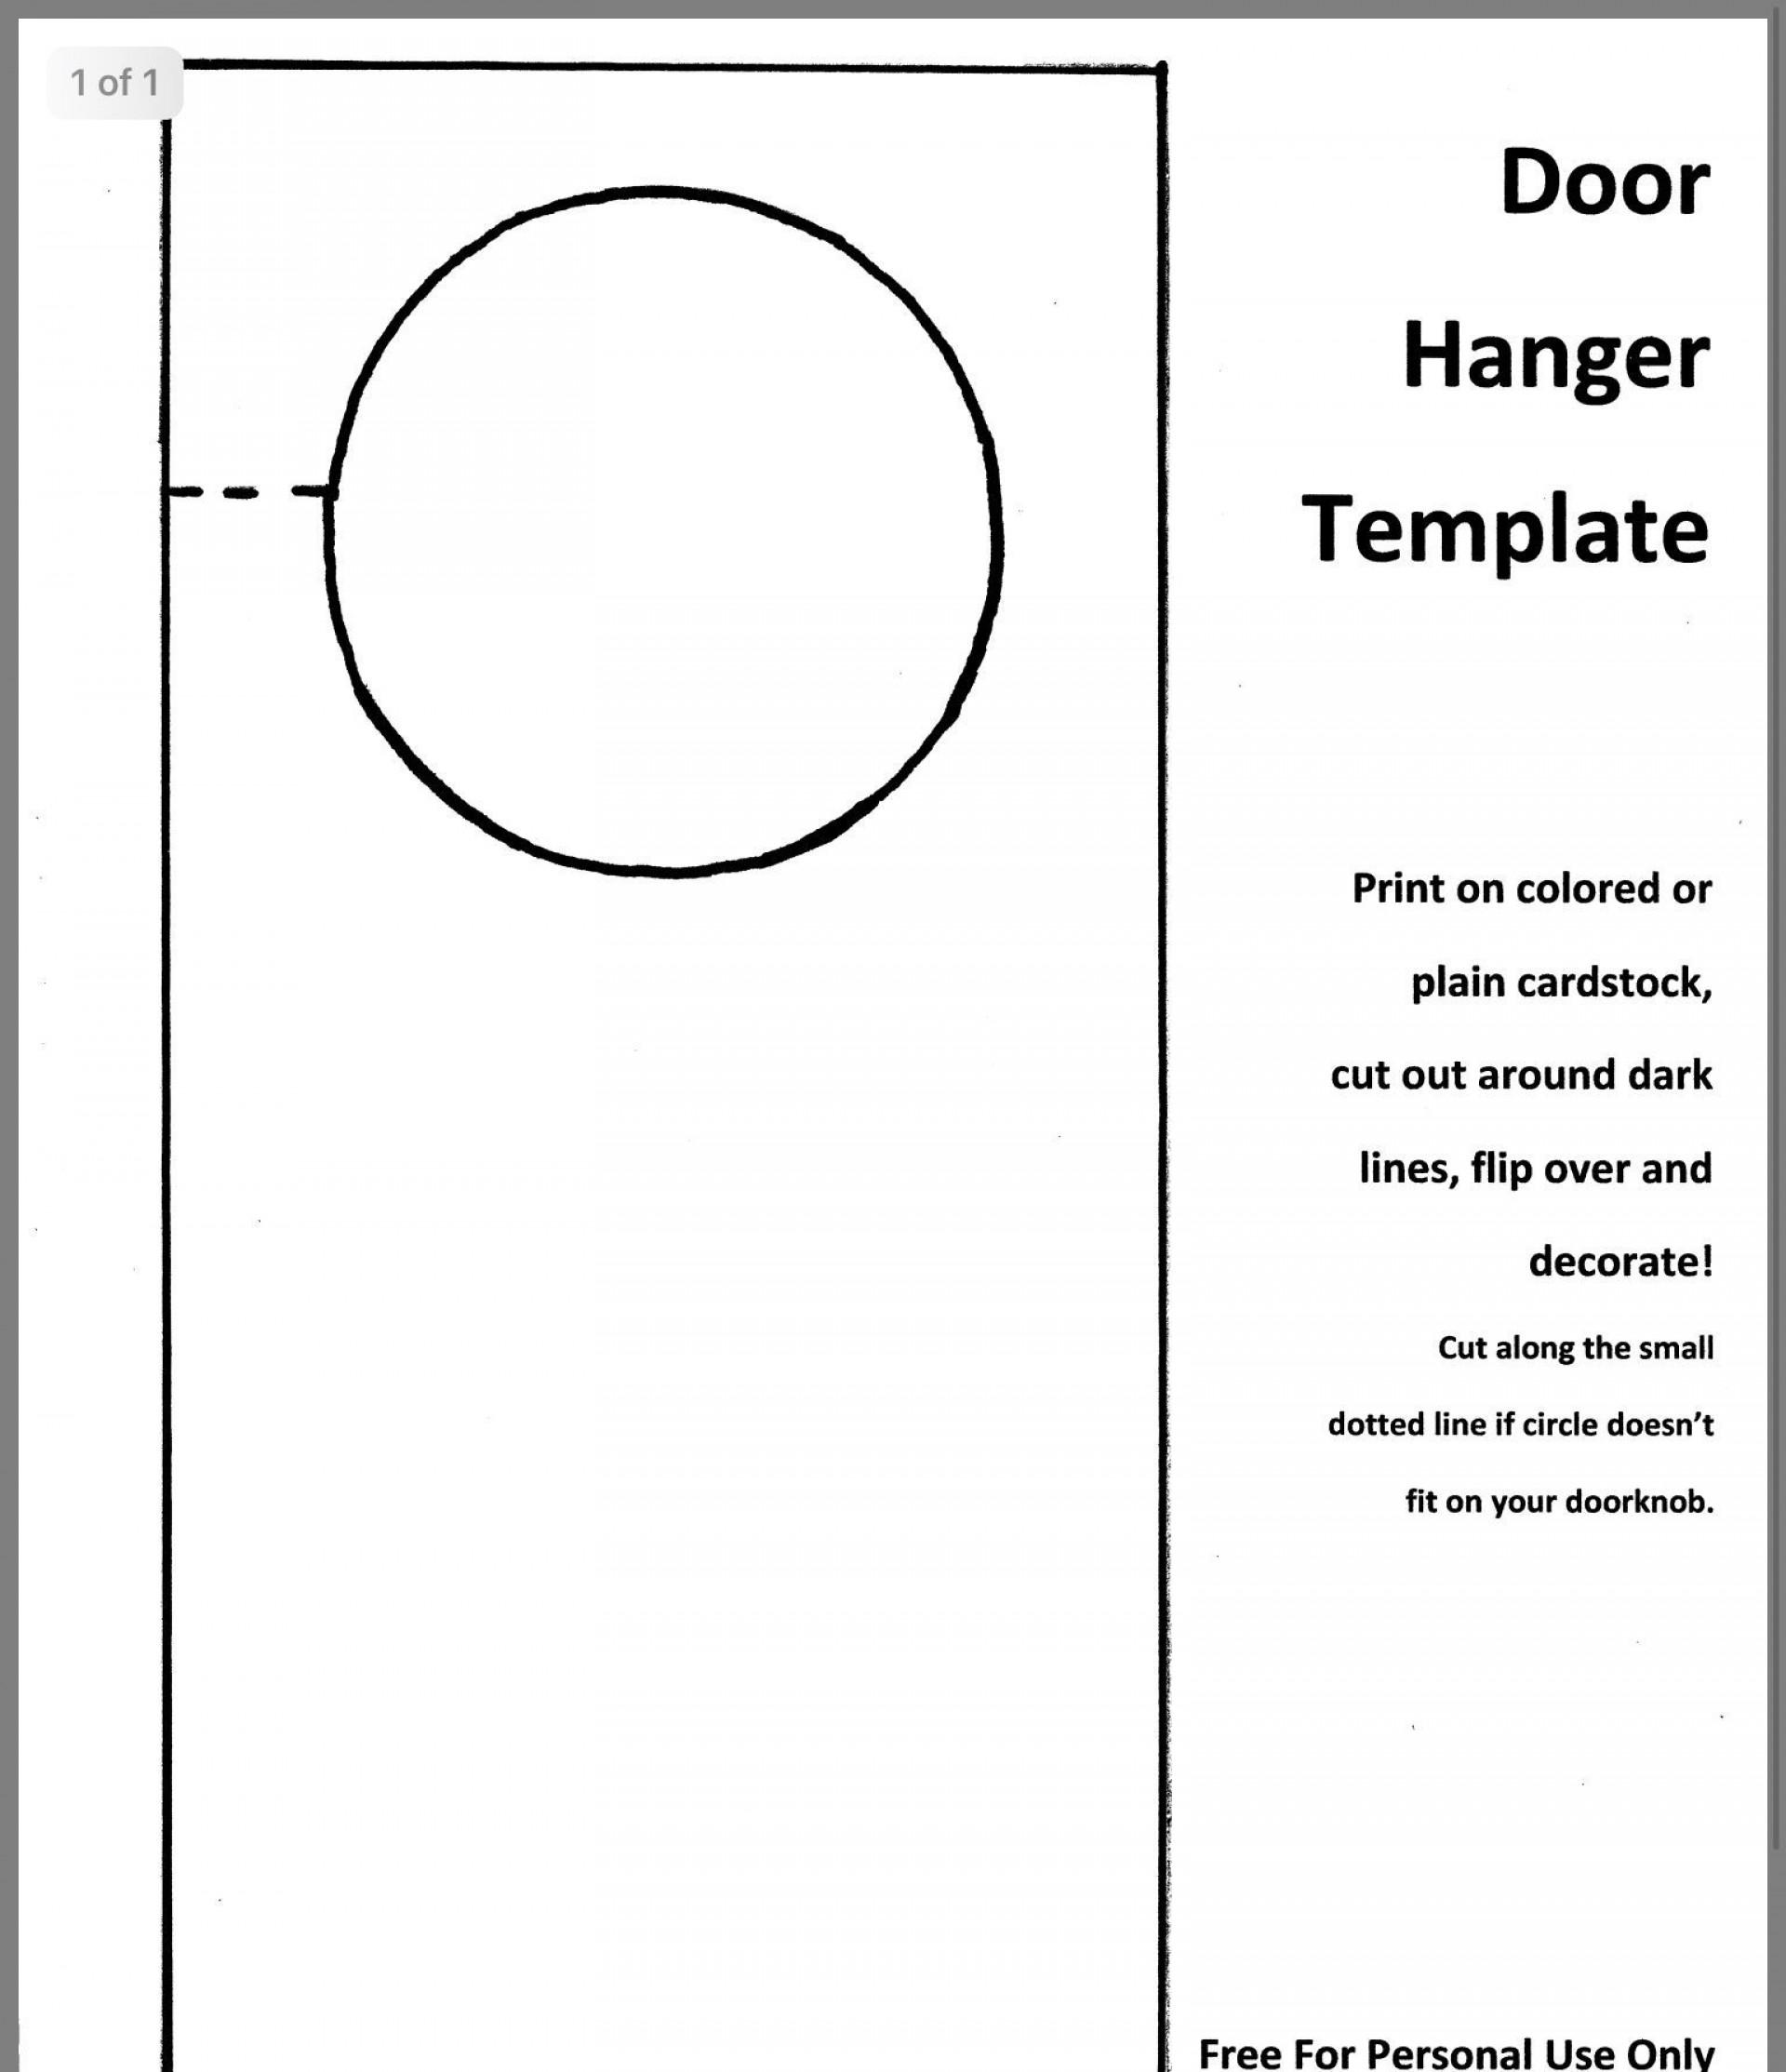 002 Astounding Blank Door Hanger Template Free Design 1920